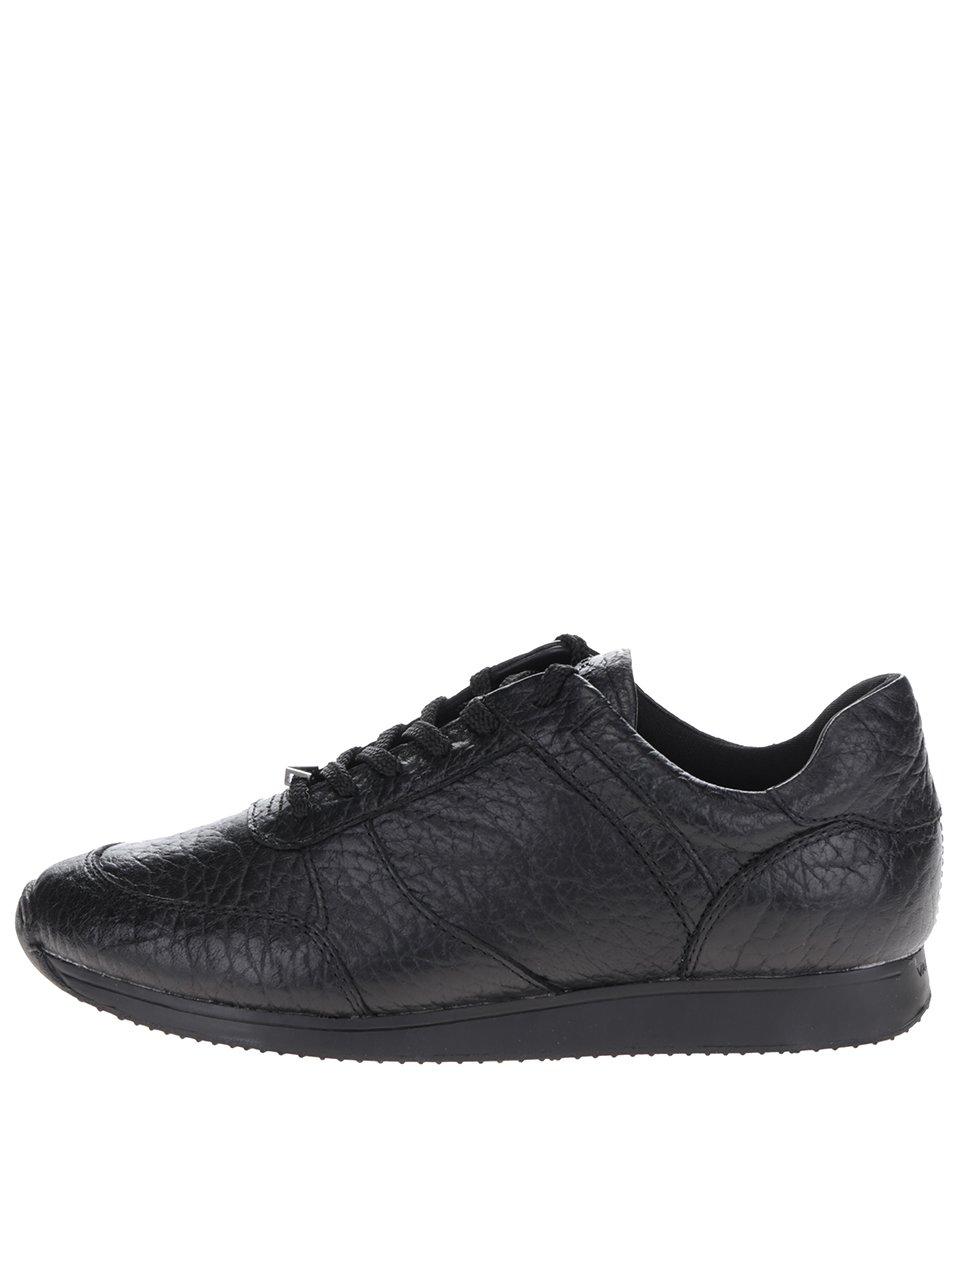 Černé dámské kožené tenisky Vagabond Kasai